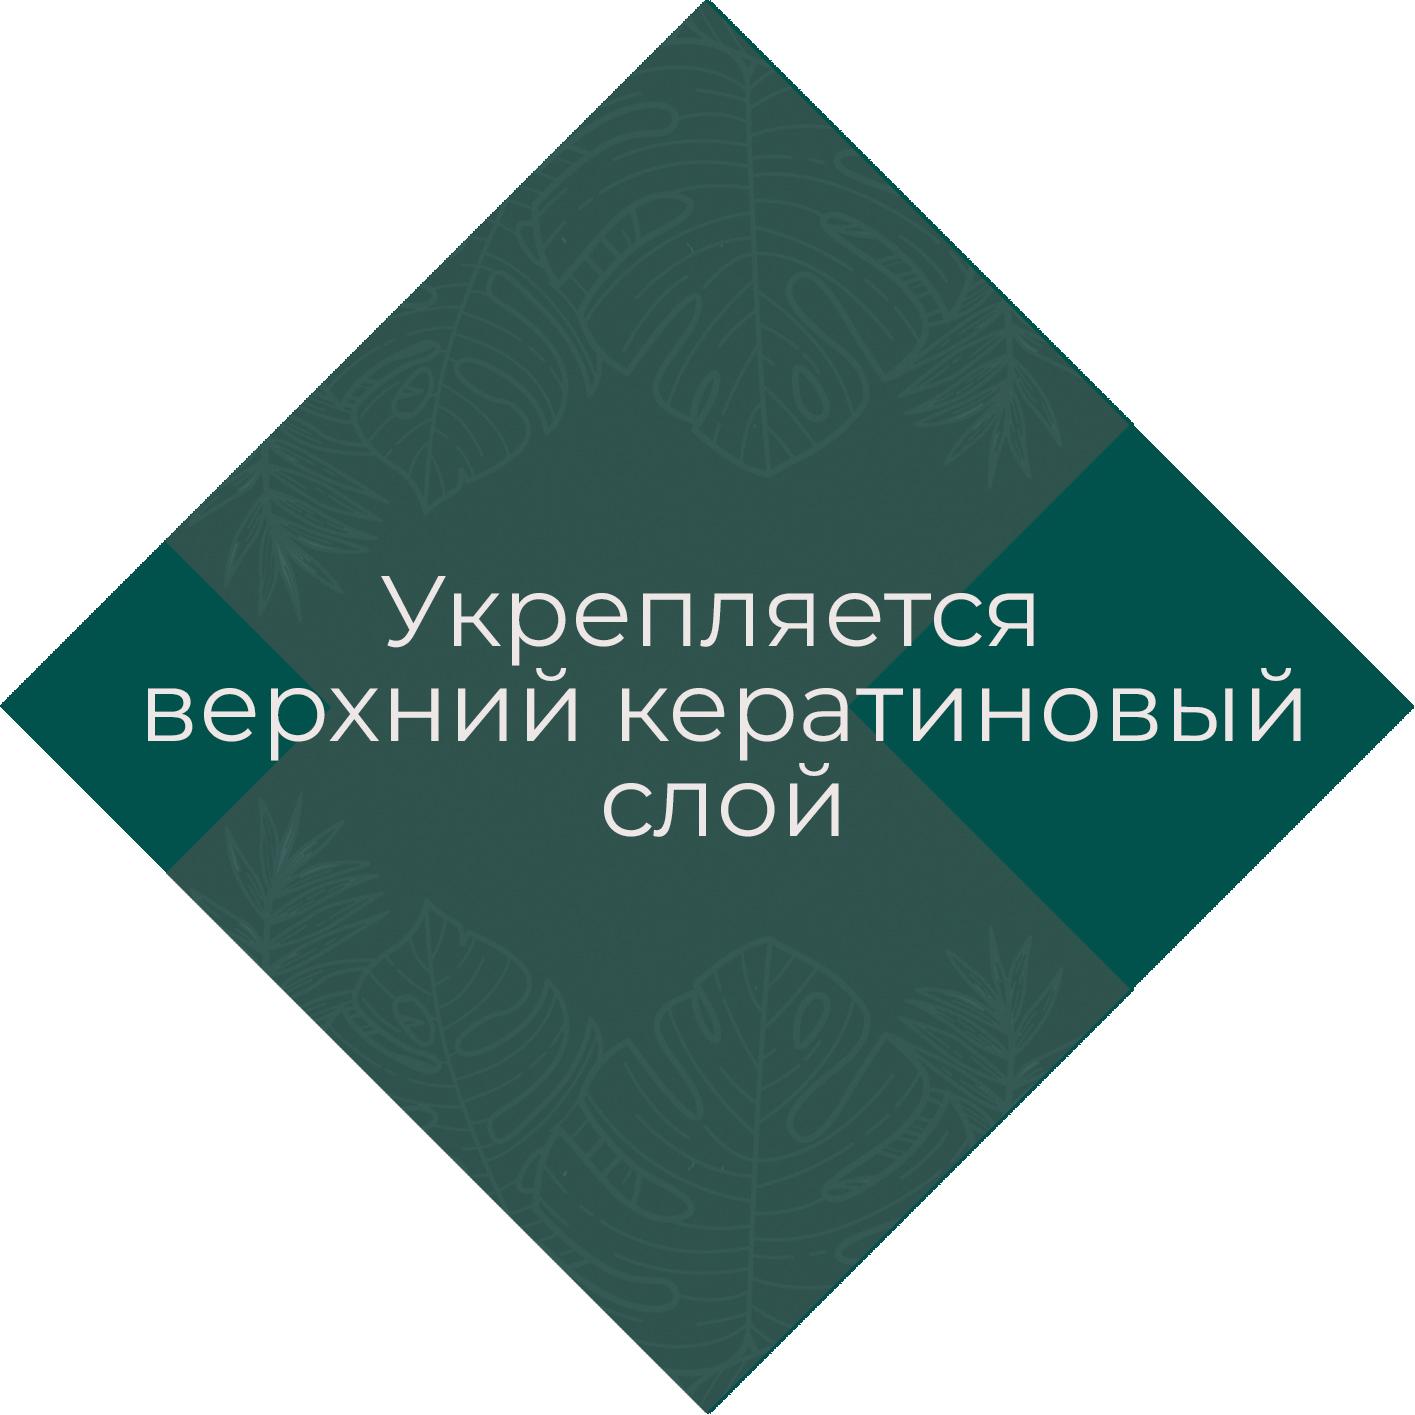 кератиновый солой